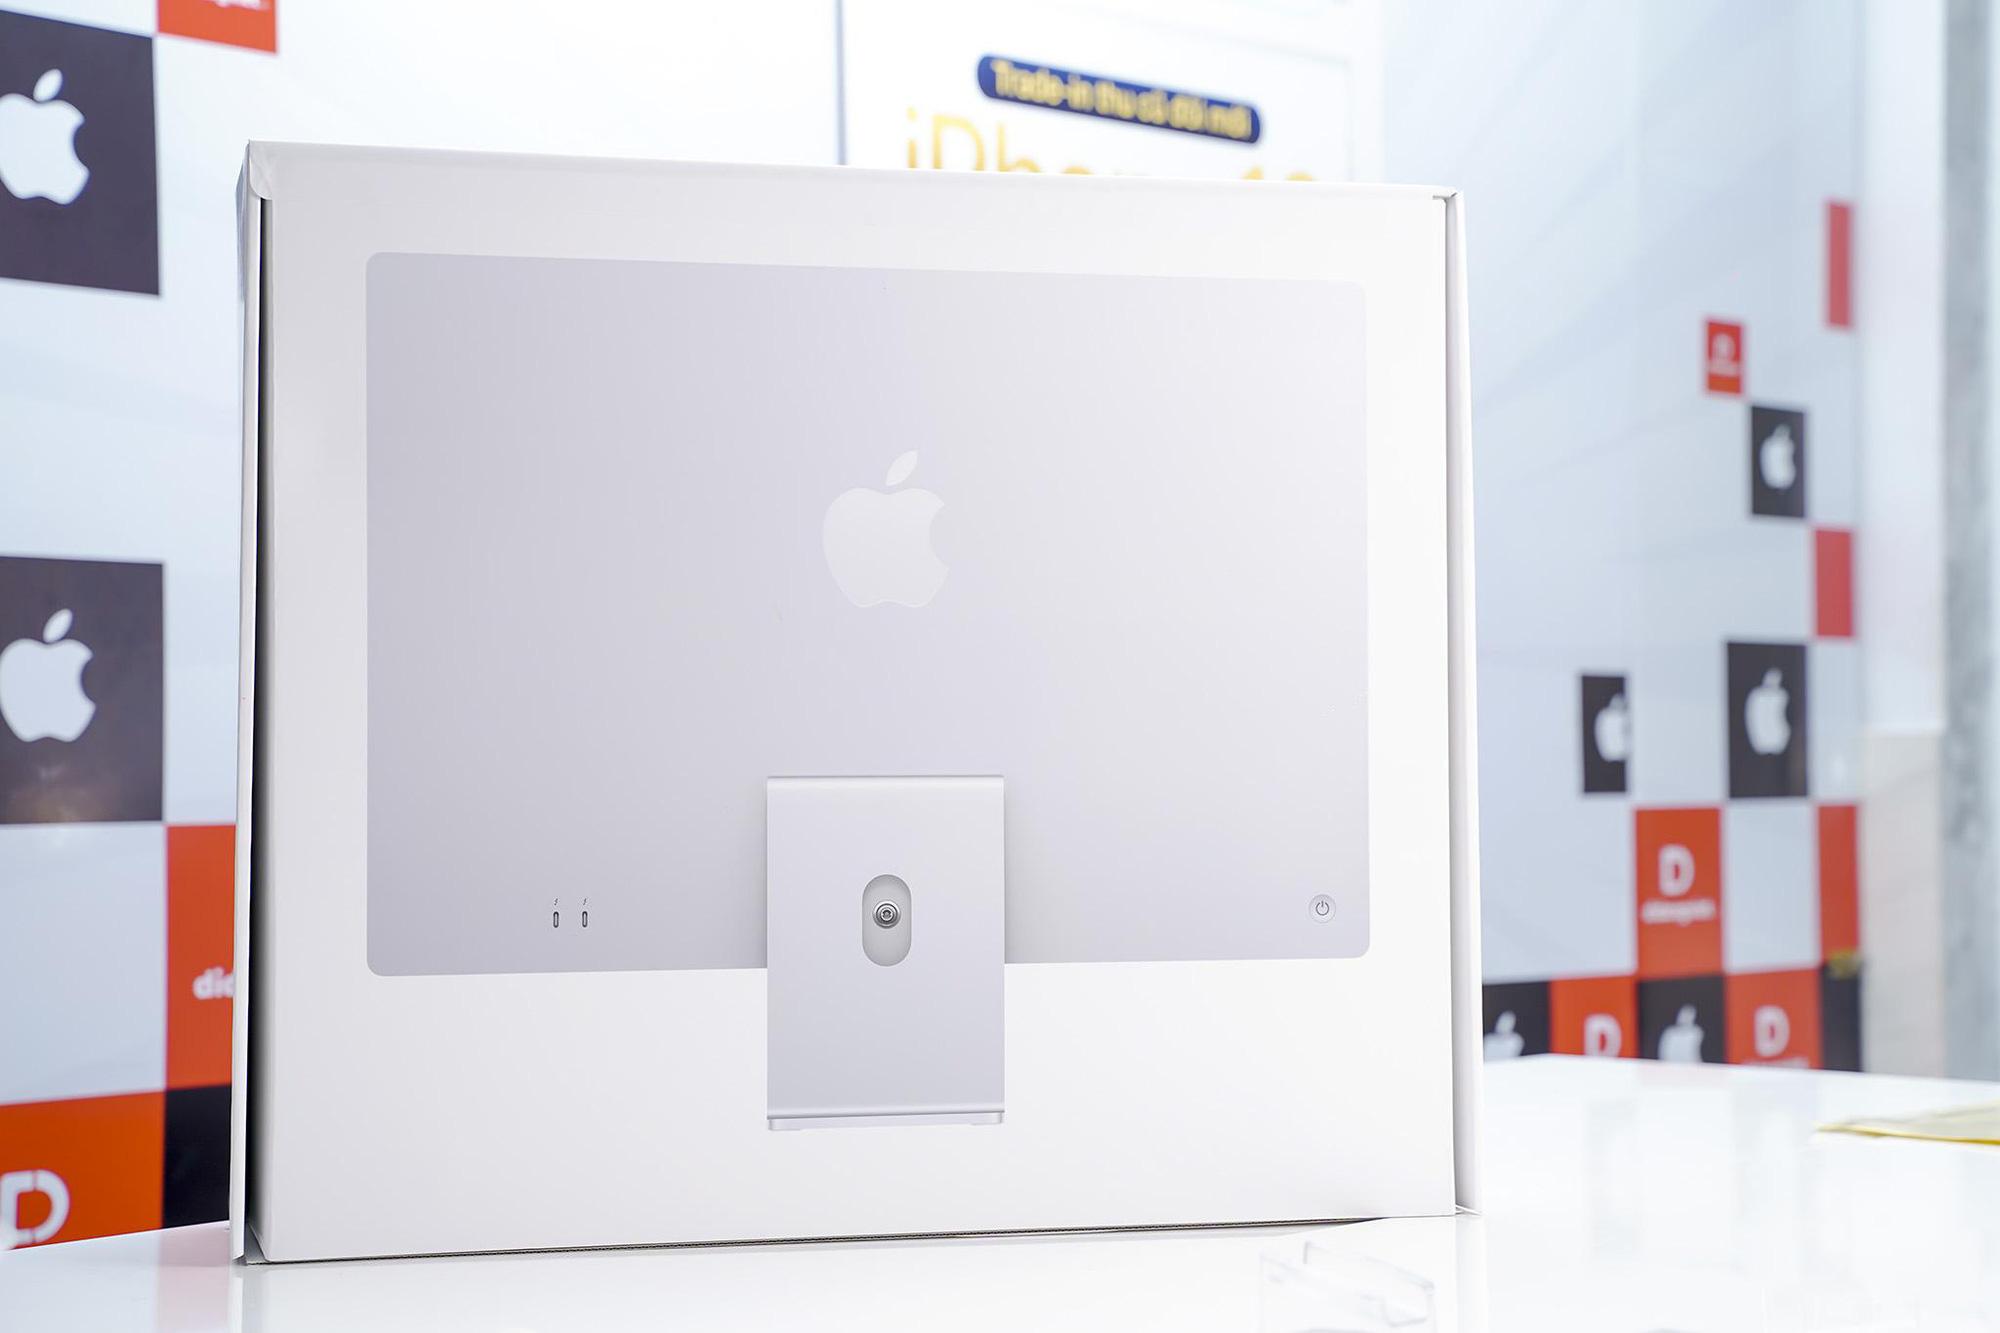 iPad Pro M1 5G hút hàng mạnh khi lên kệ thị trường Việt Nam - Ảnh 1.